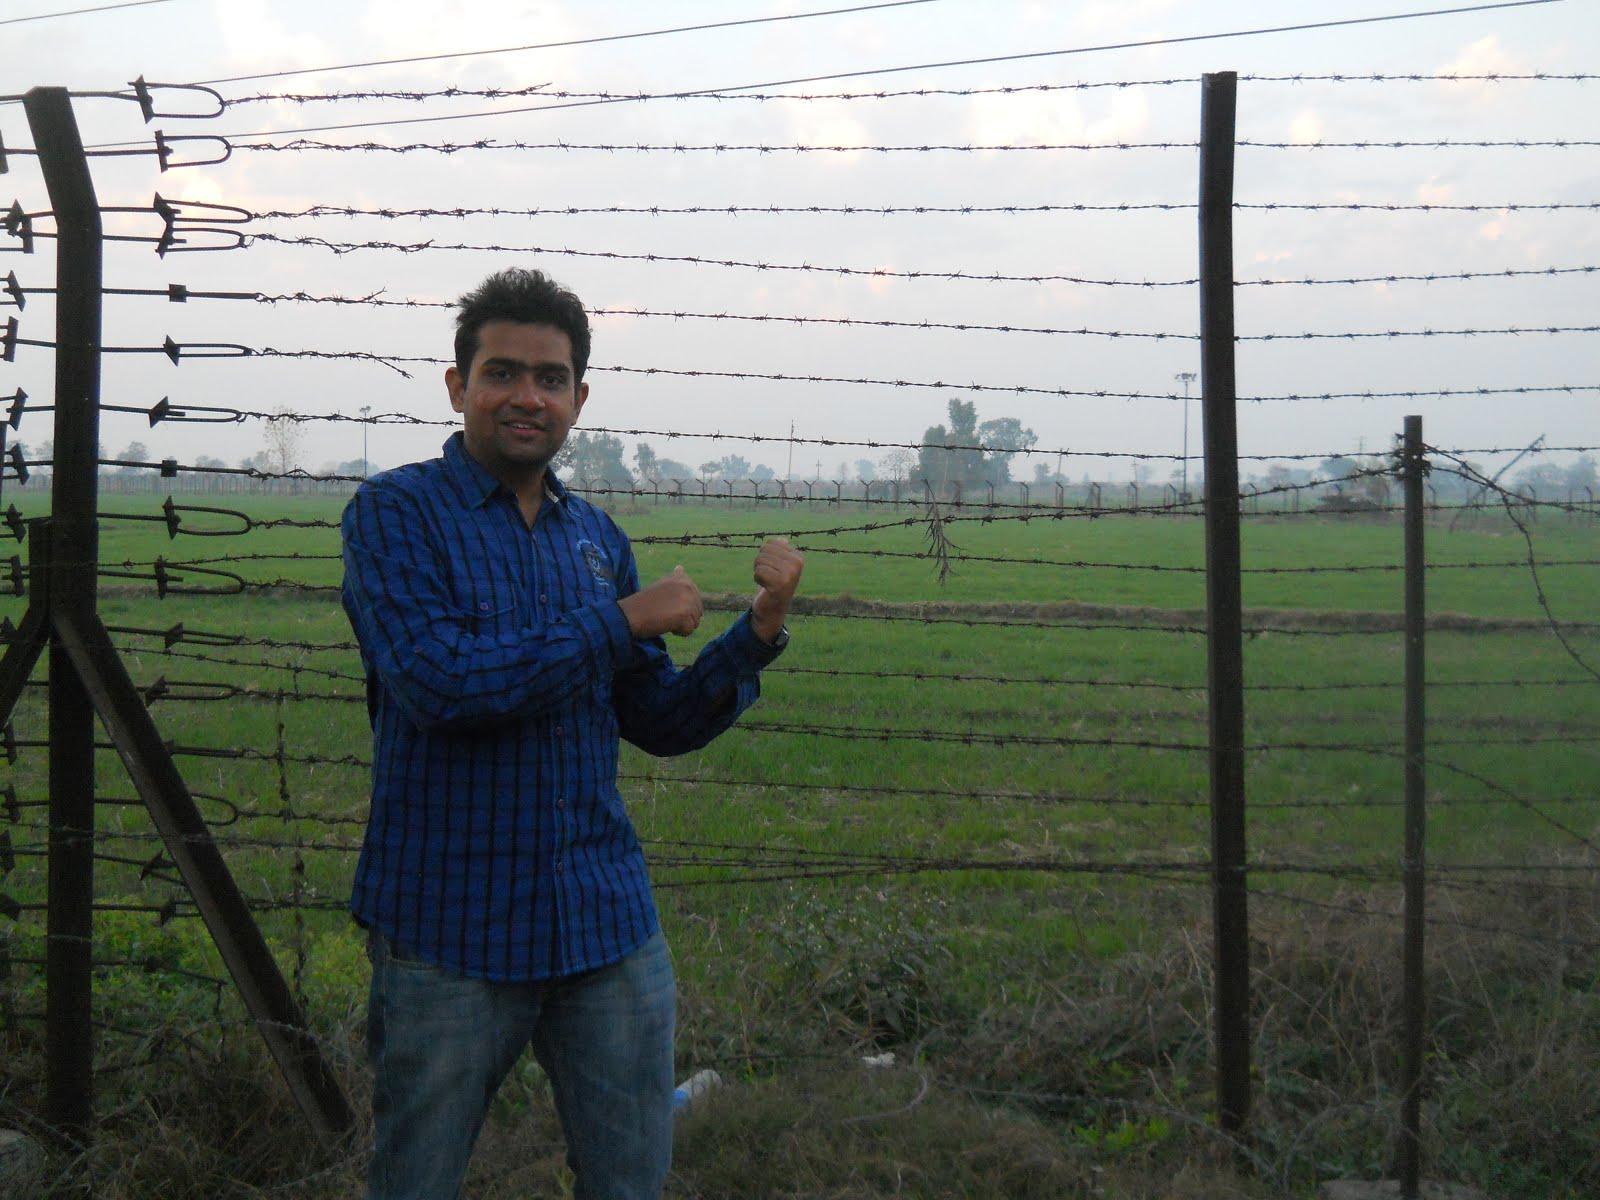 भारत पाकिस्तान सीमा दुसर्यांदा ! २०१४